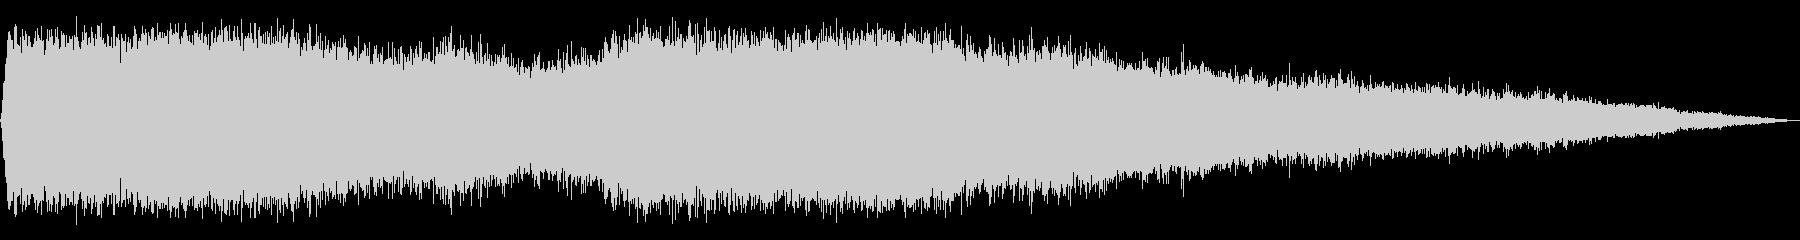 リアジェット55:EXT:TAXI...の未再生の波形